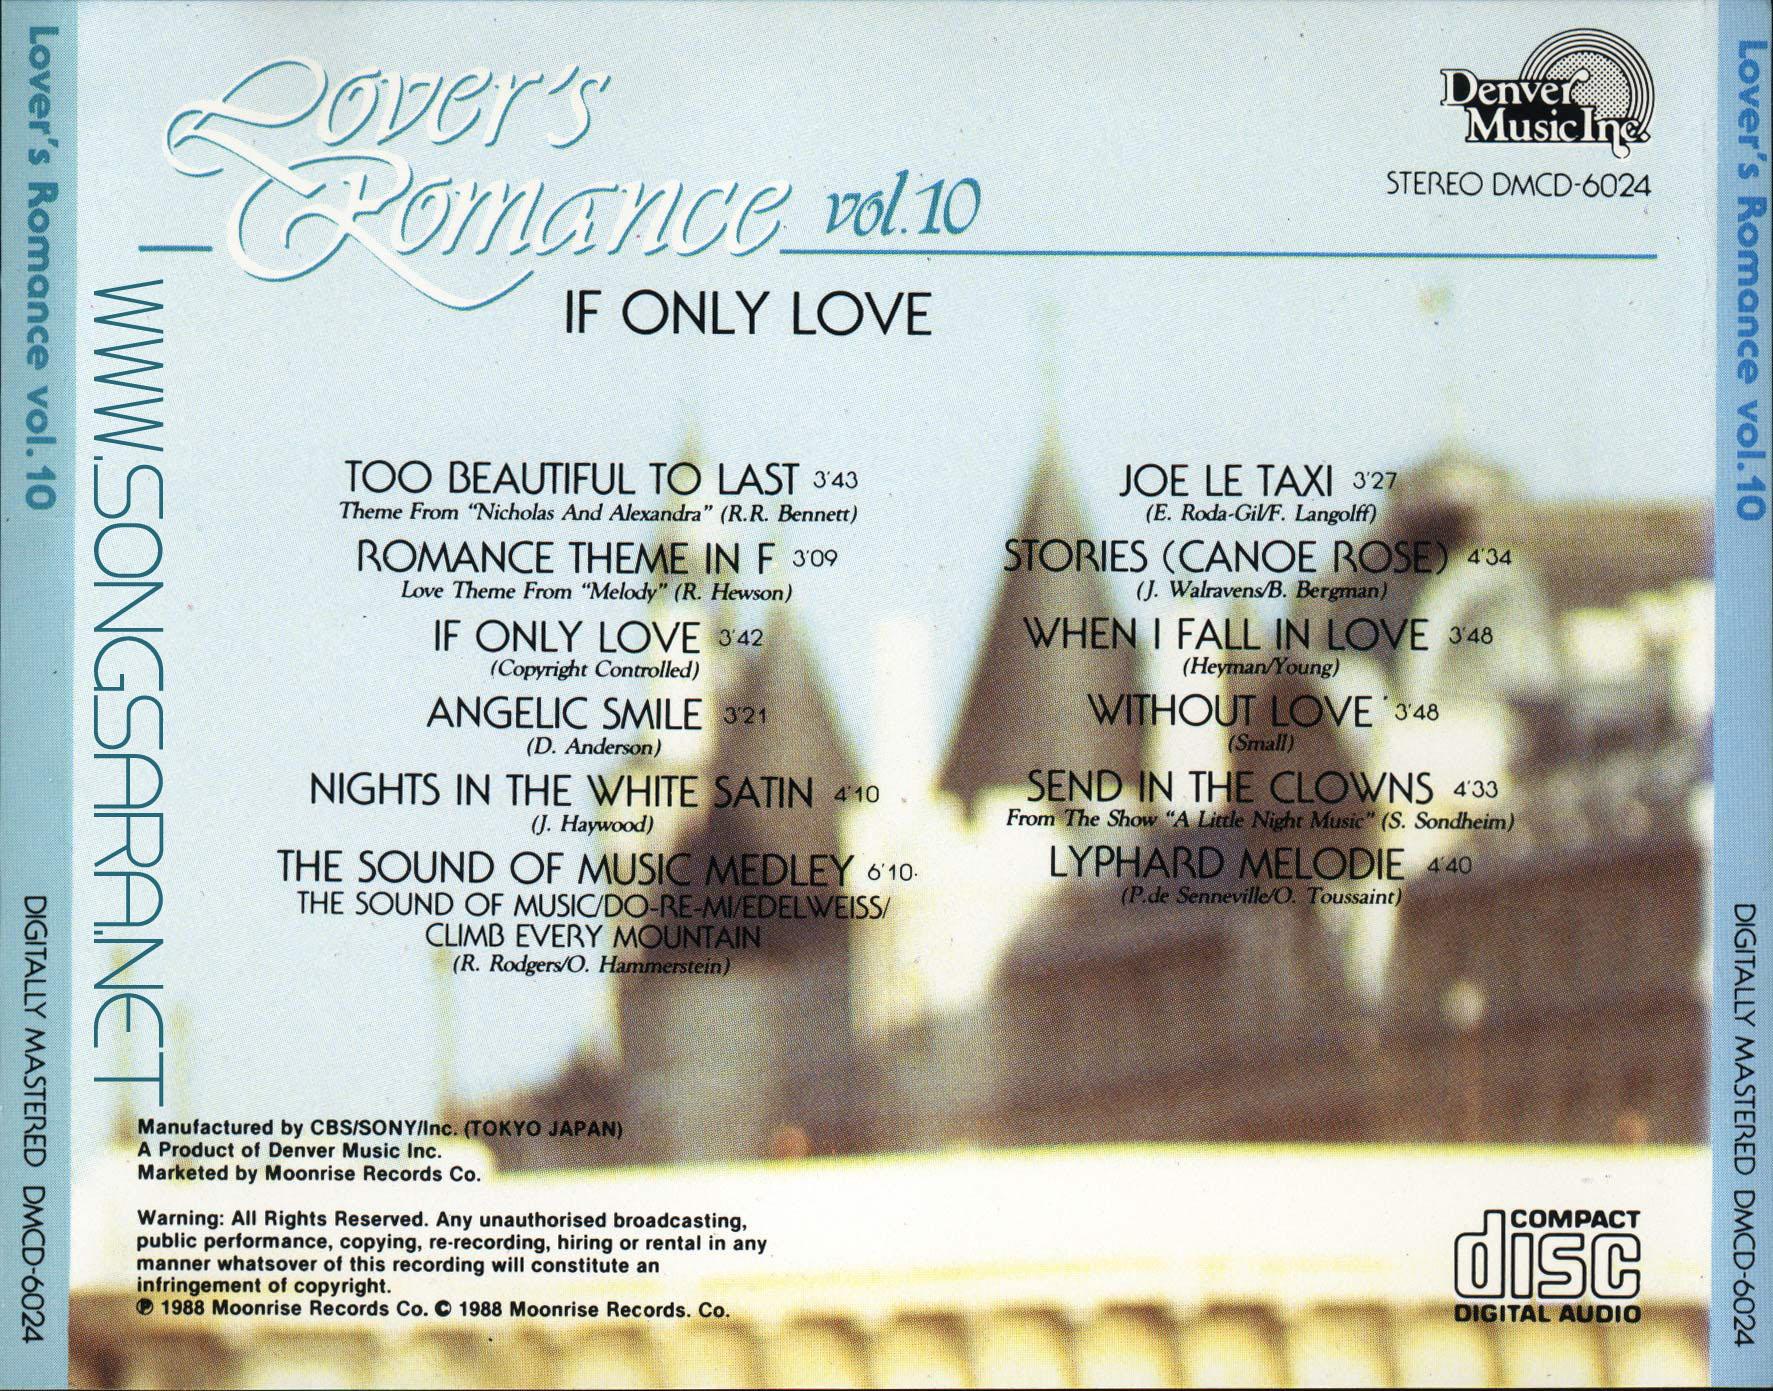 https://dl.songsara.net/instrumental/Album%20I/Lover%27s%20Romance%20Vol.10%20(A%20Gift%20of%20Romance%20for%20Lovers)%20SONGSARA.NET/Back.jpg